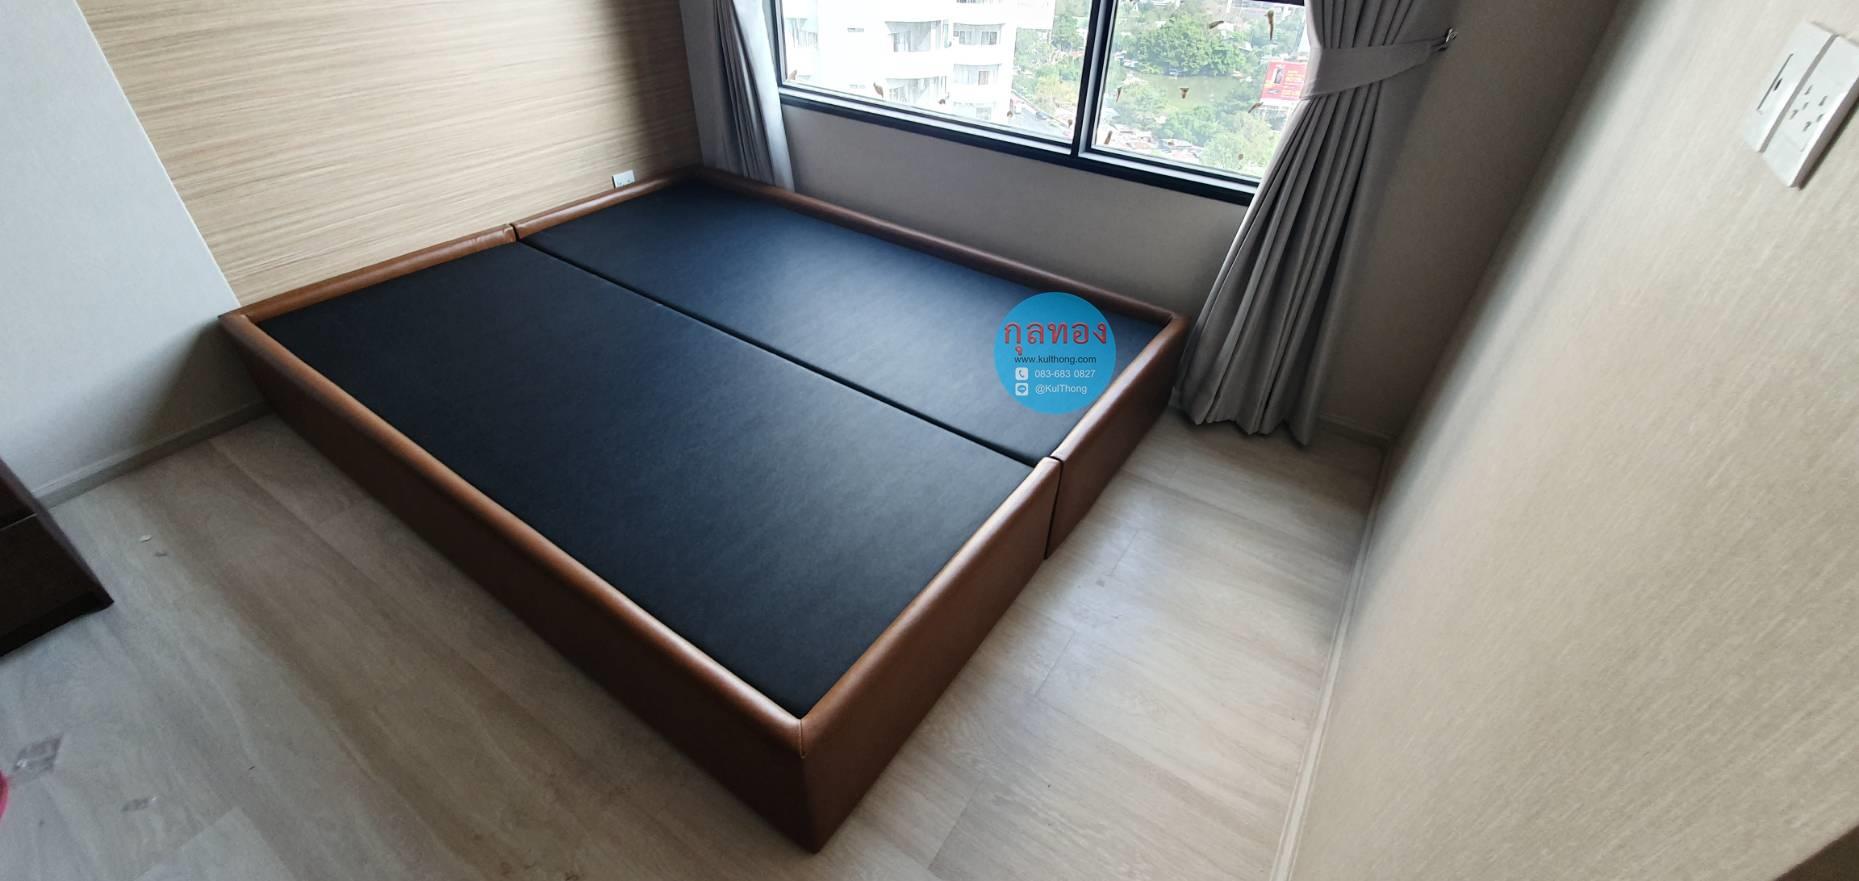 ฐานเตียงหุ้มหนัง เตียงดีไซน์ เตียงไม่มีหัวเตียง เตียงคอนโด